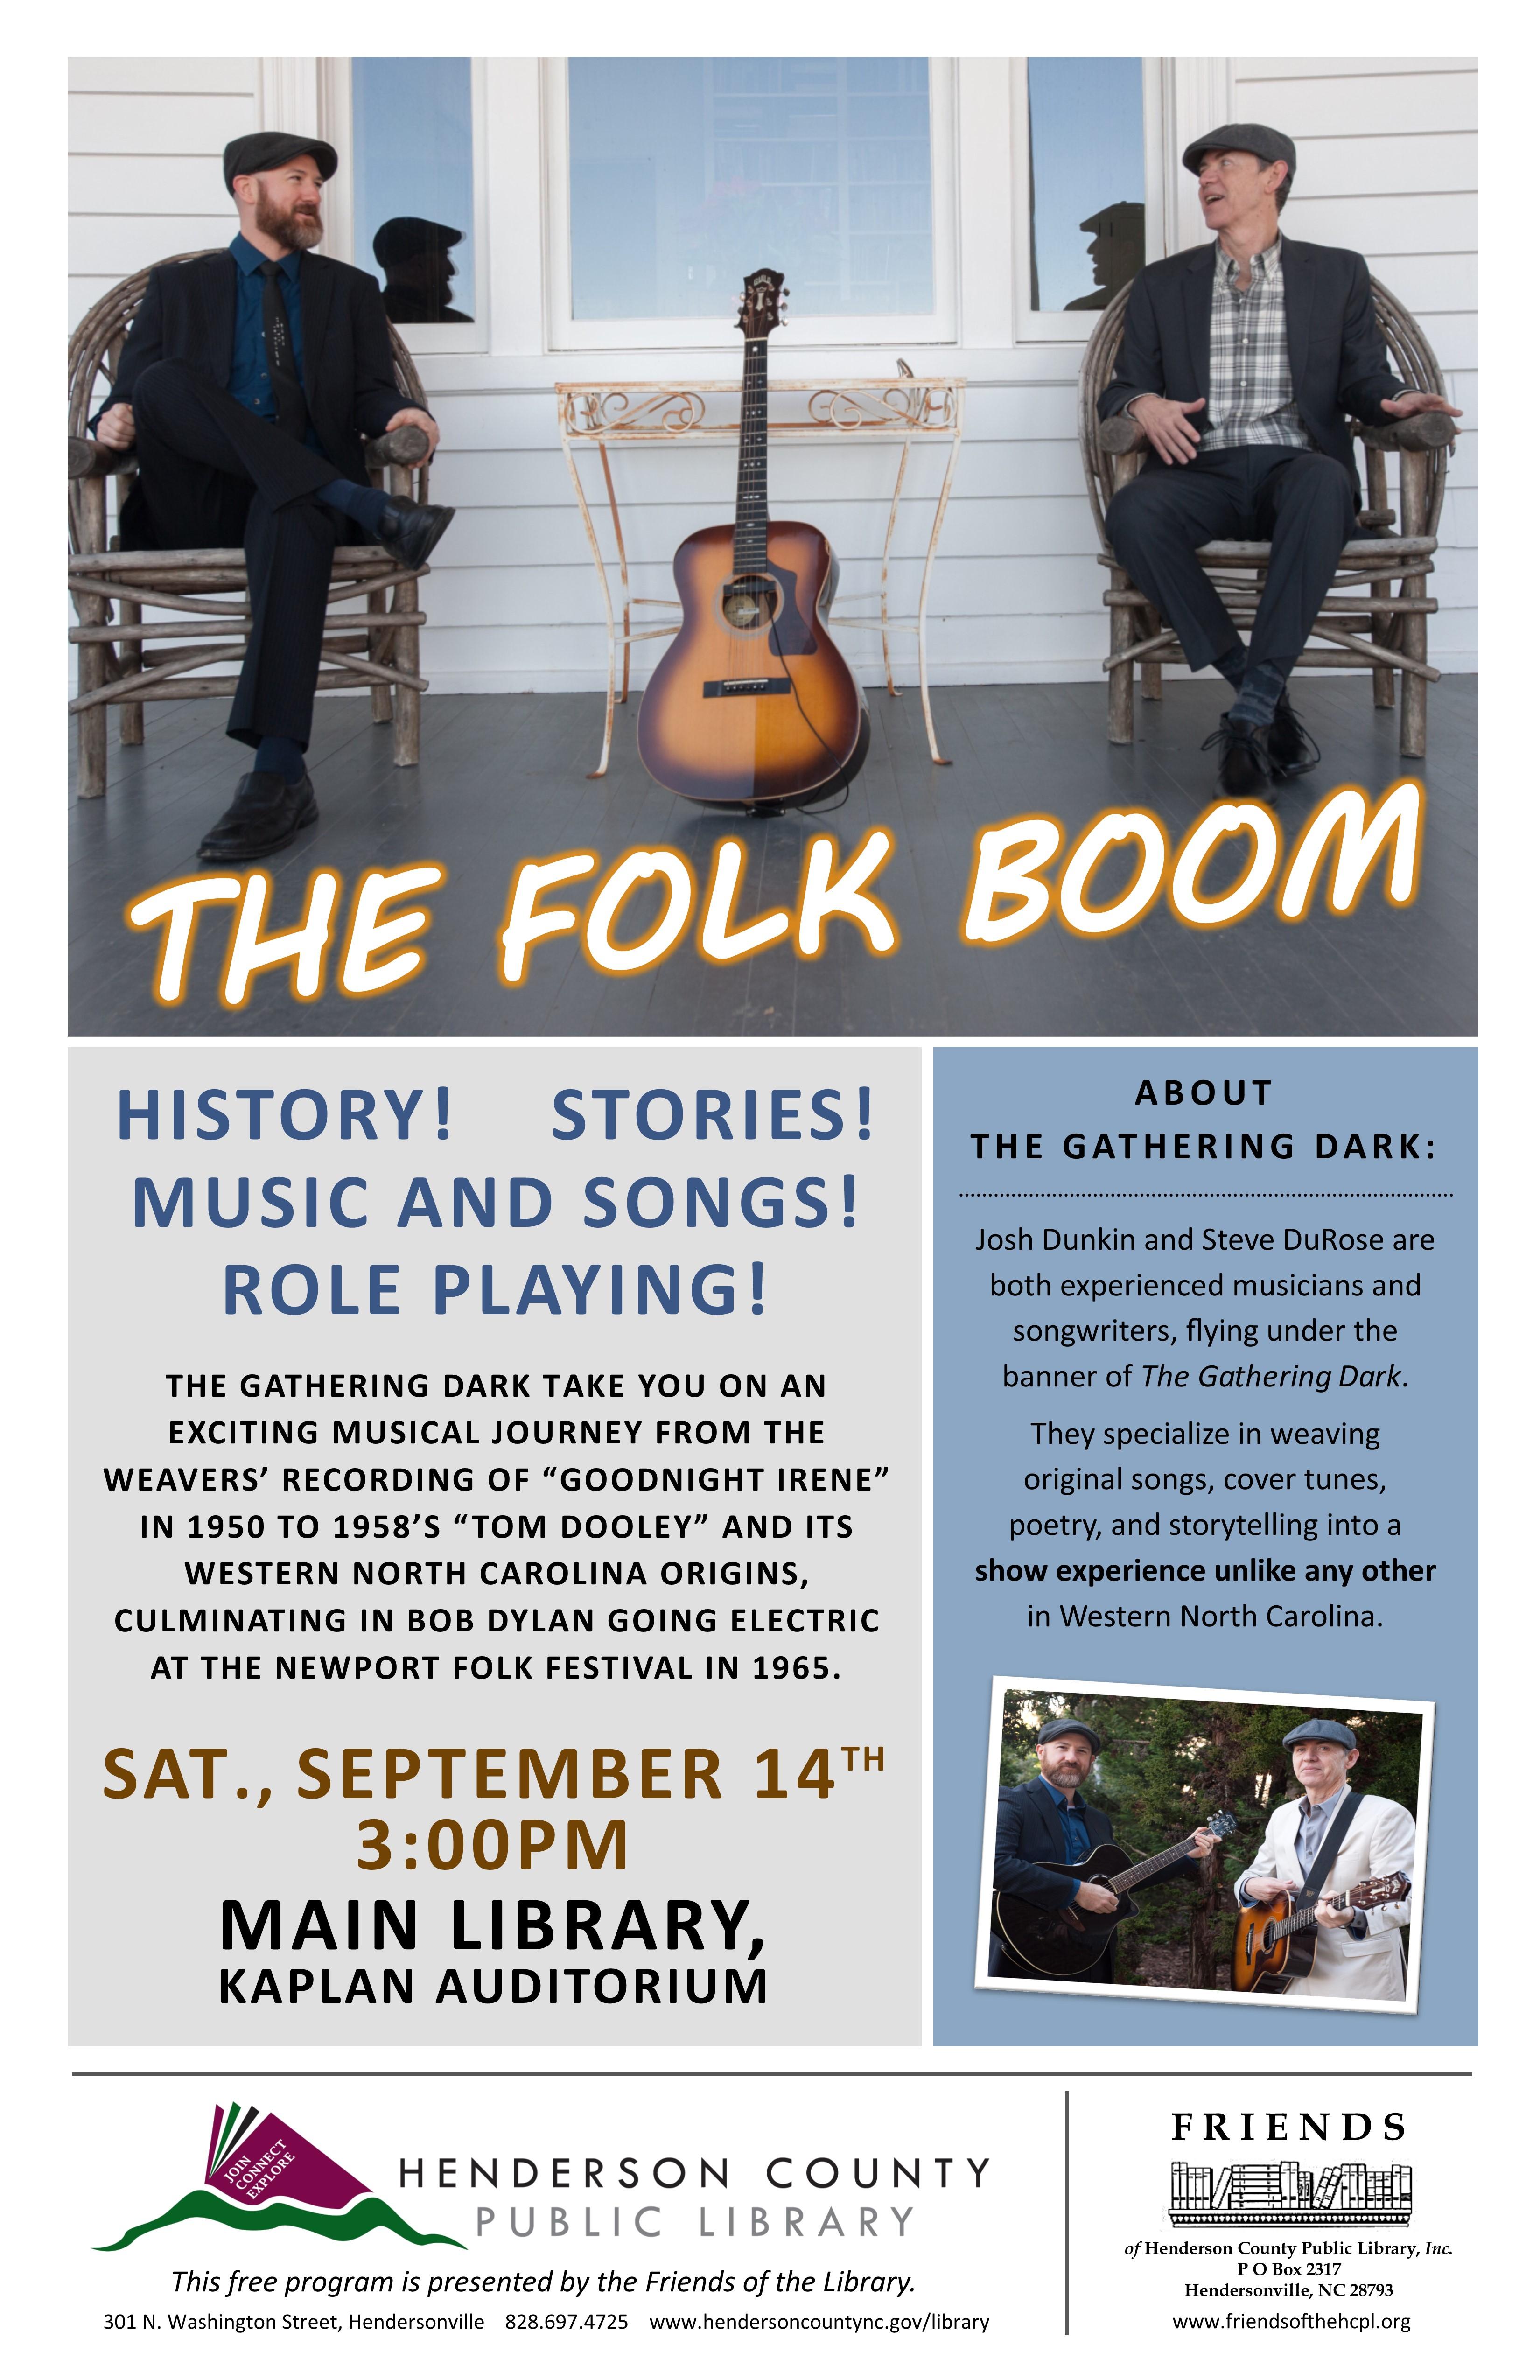 The Folk Boom